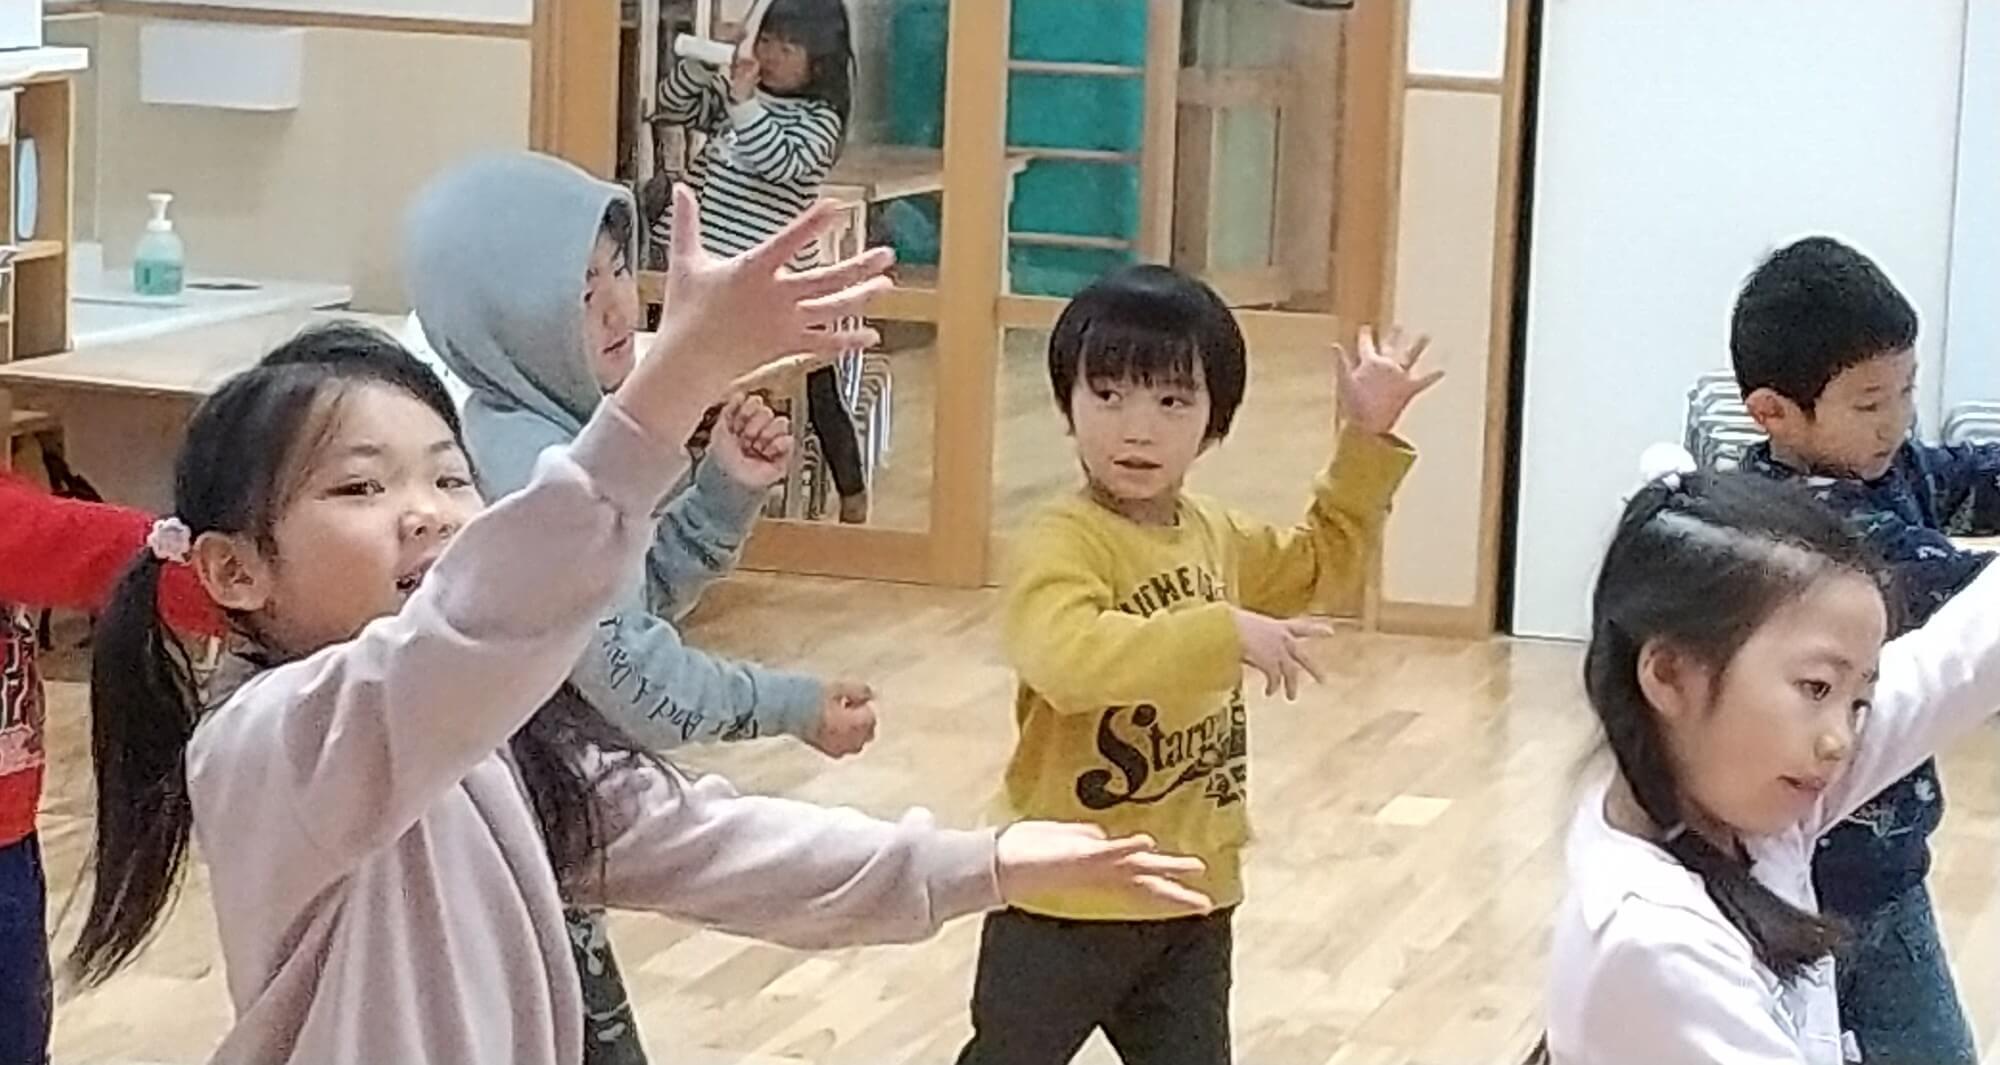 リズム体操で踊る子ども